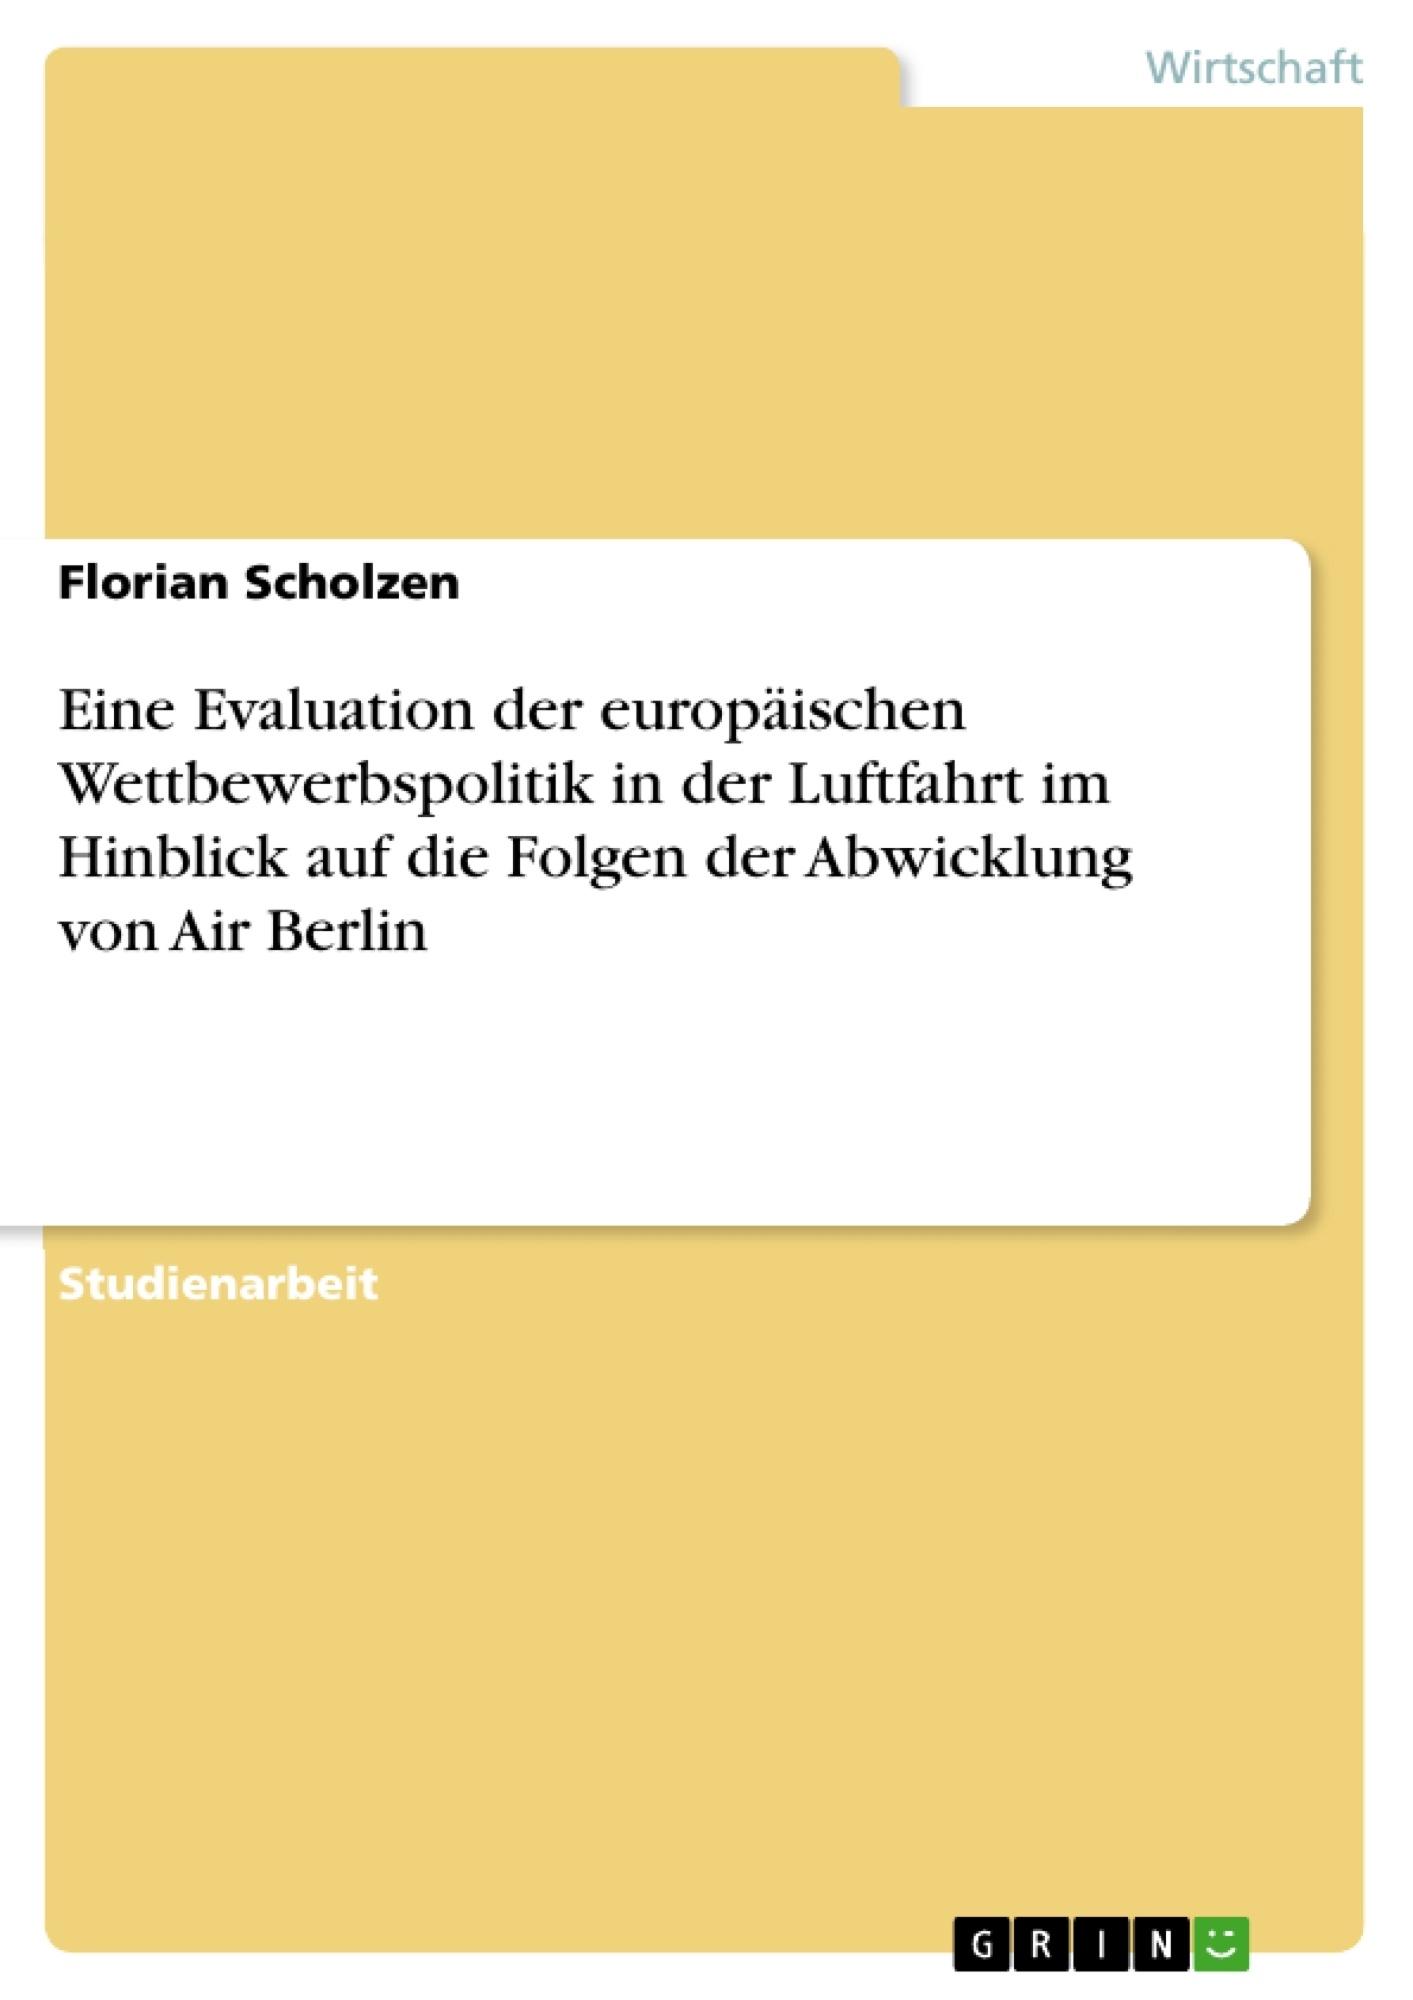 Titel: Eine Evaluation der europäischen Wettbewerbspolitik in der Luftfahrt im Hinblick auf die Folgen der Abwicklung von Air Berlin